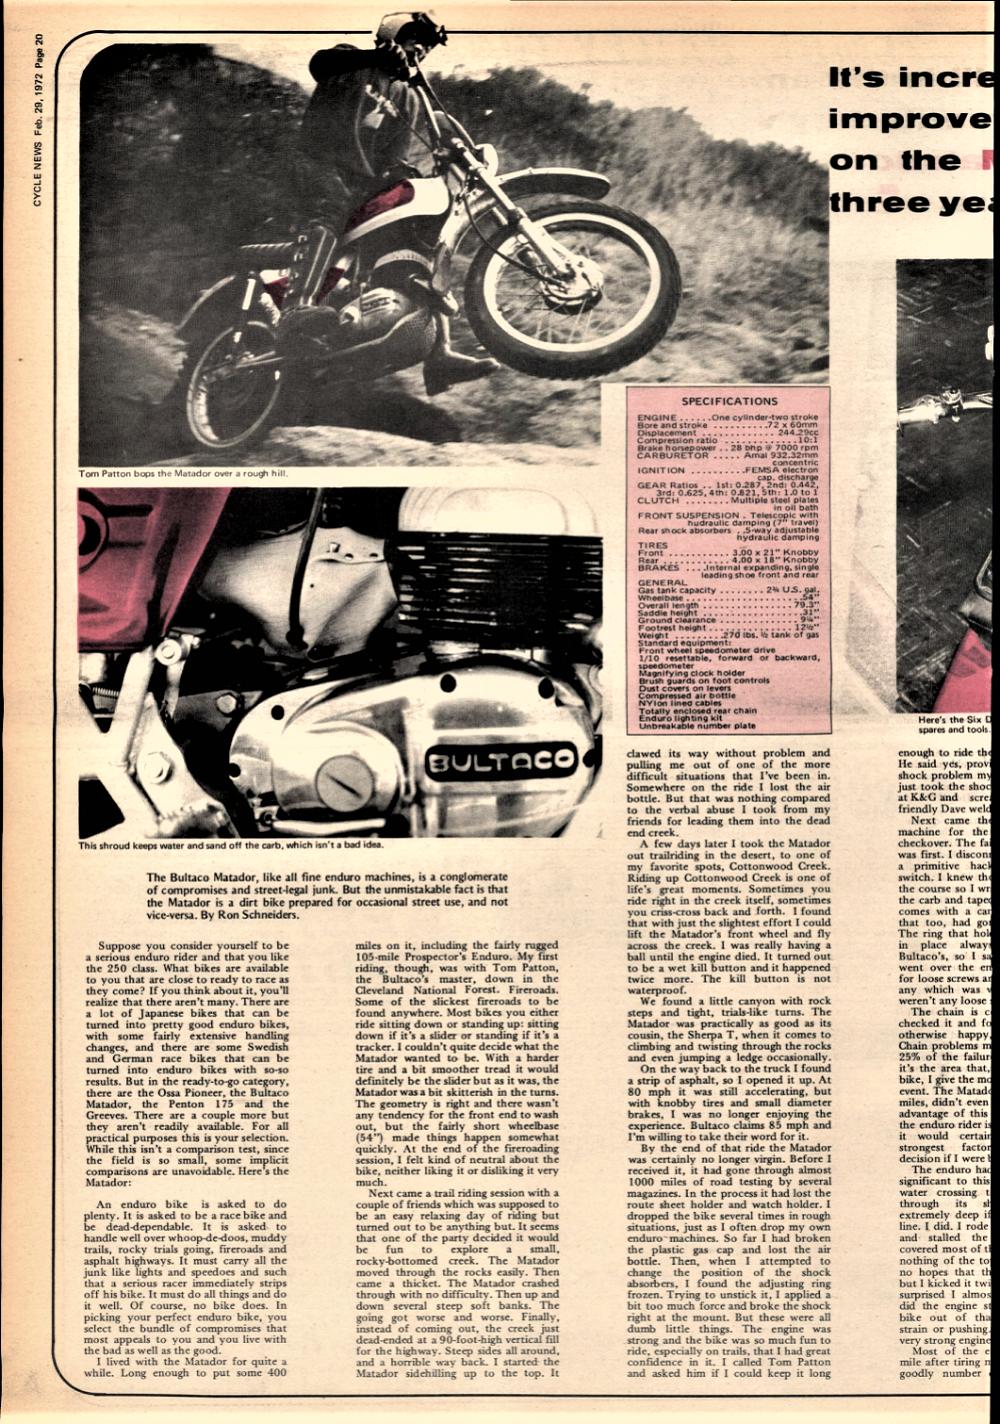 1972 Bultaco Matador road test  — Ye Olde Cycle Shoppe